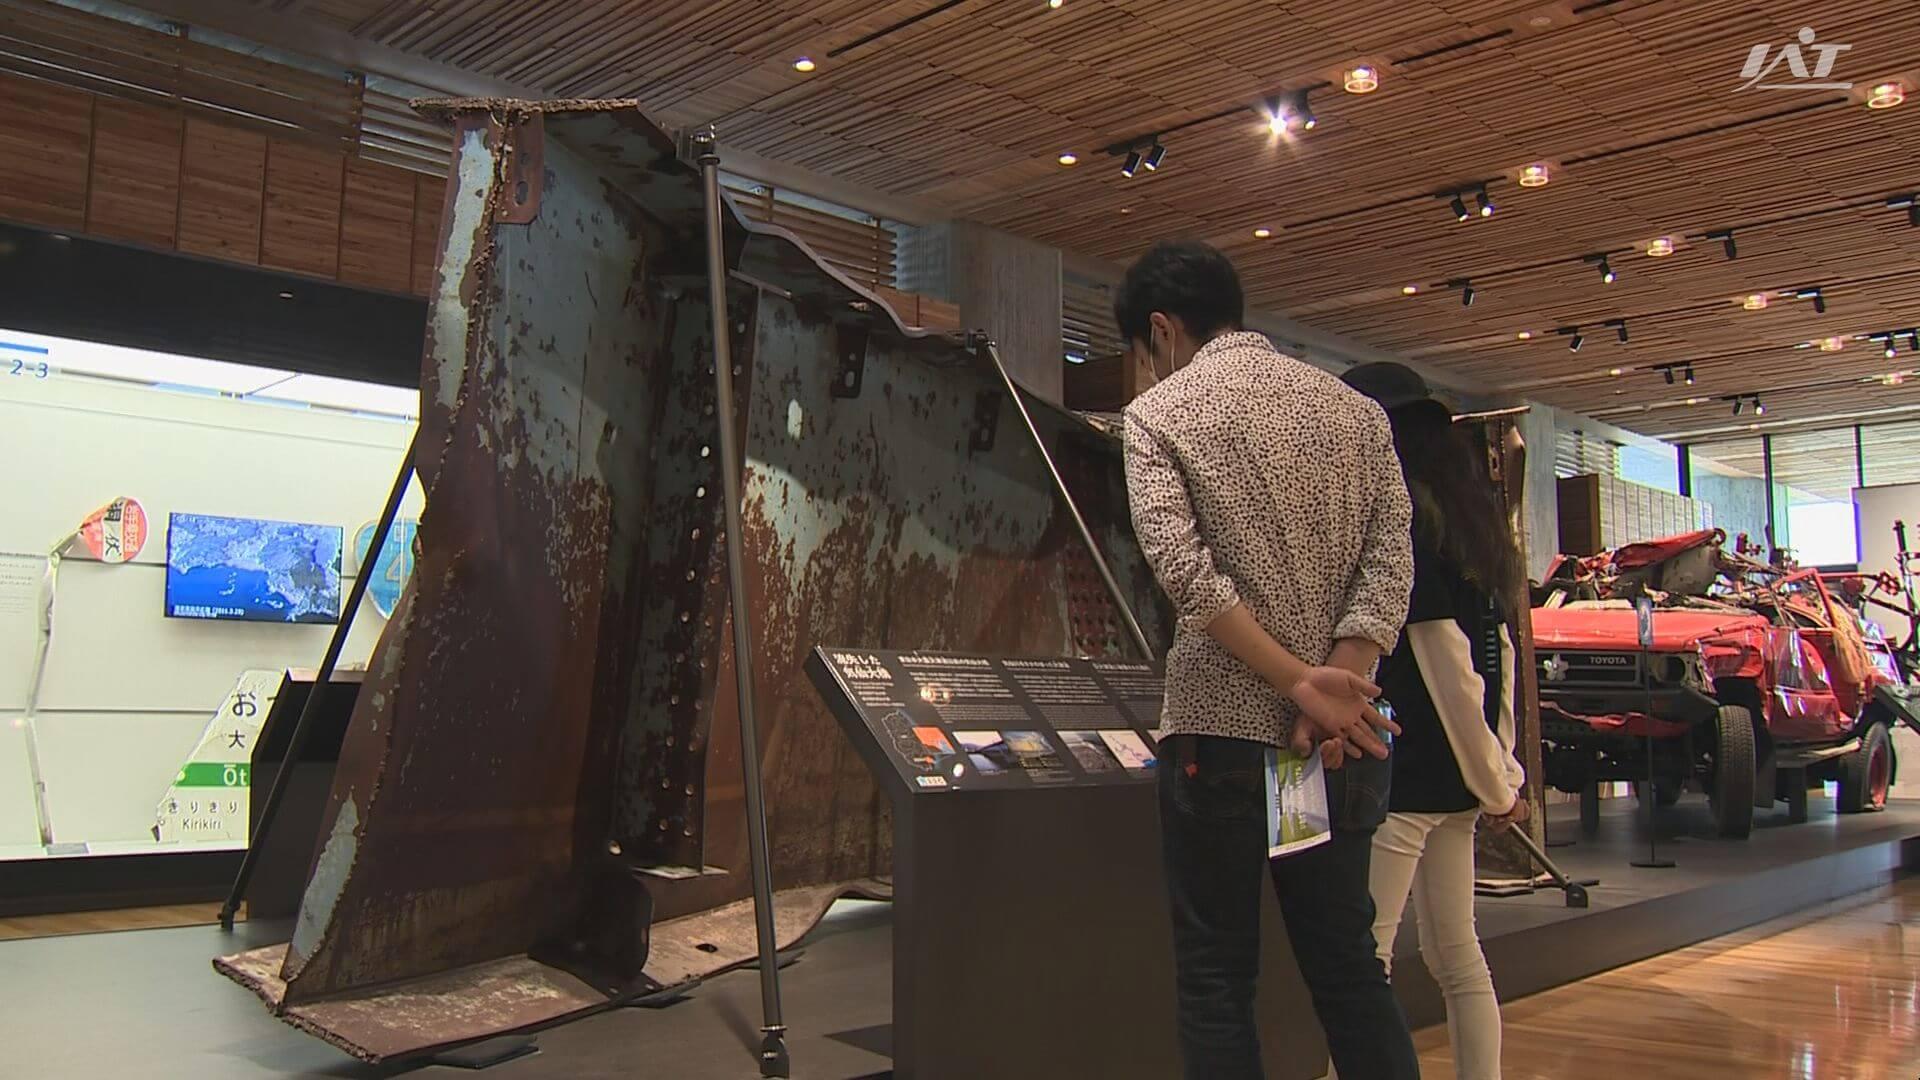 「県独自の緊急事態宣言」解除で津波伝承館利用再開